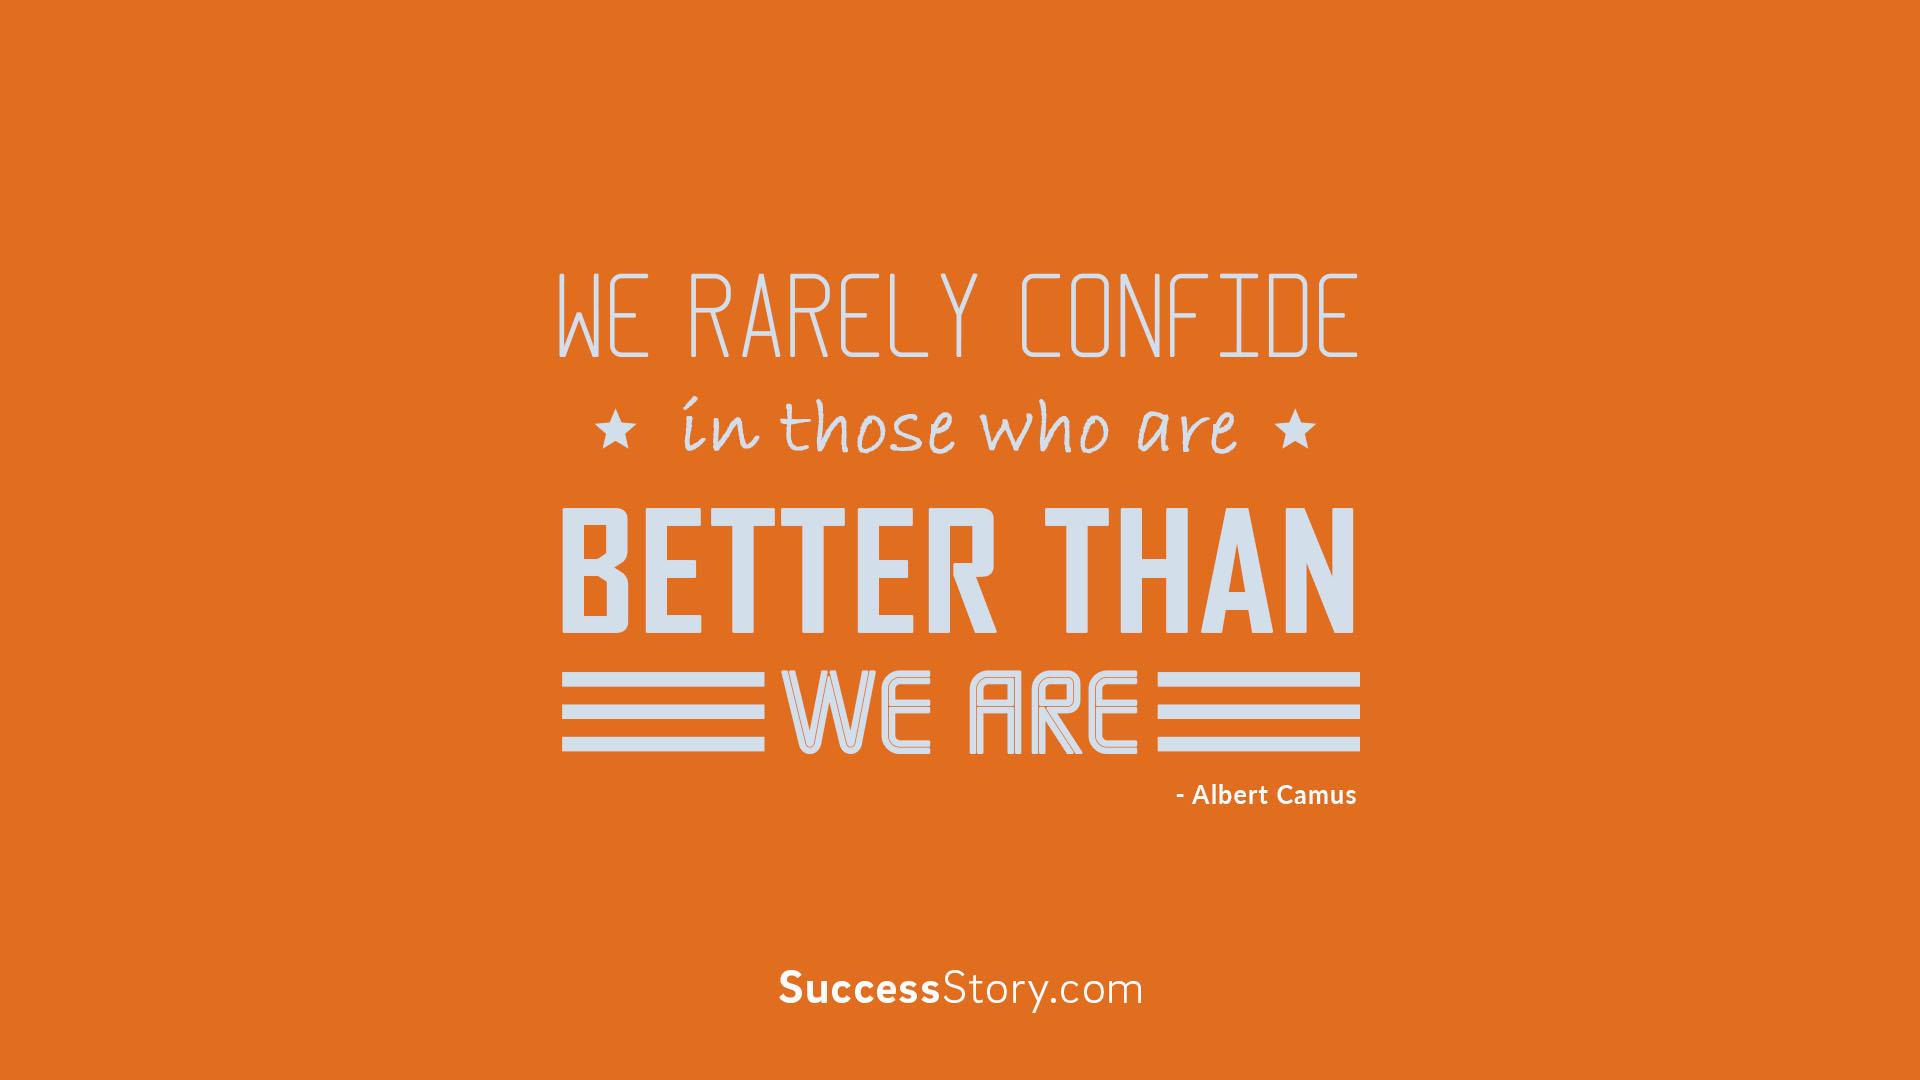 we rarely